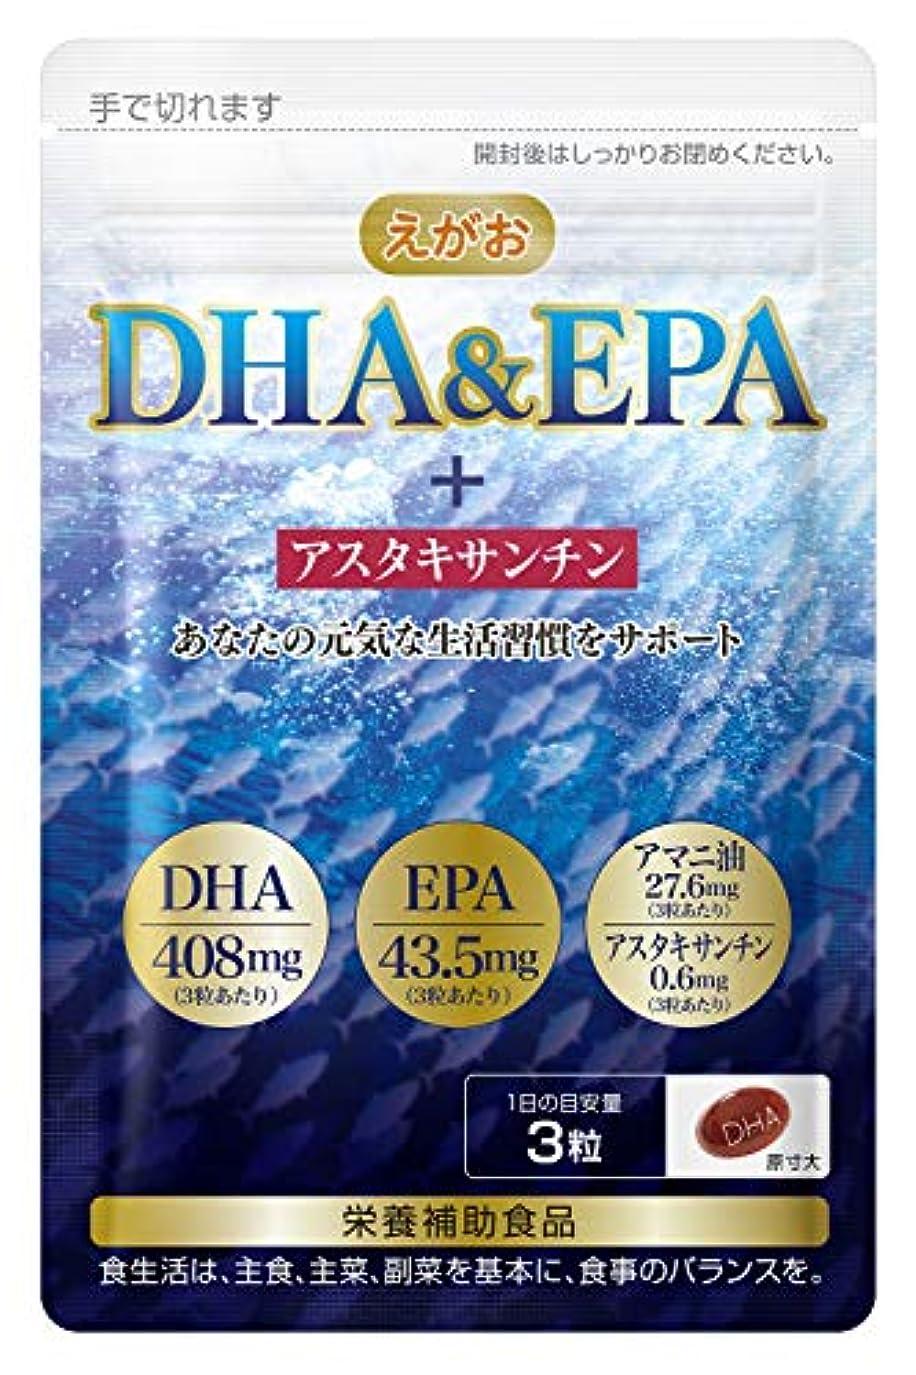 取り出す不良考慮えがおの DHA&EPA+アスタキサンチン 【1袋】(1袋/93粒入り 約1ヵ月分) 栄養補助食品